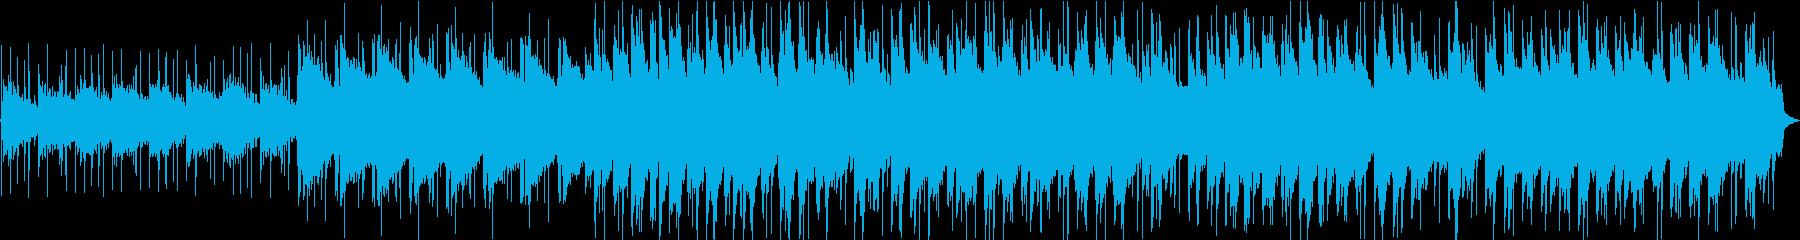 落ち着いた和風のLofi HipHopの再生済みの波形